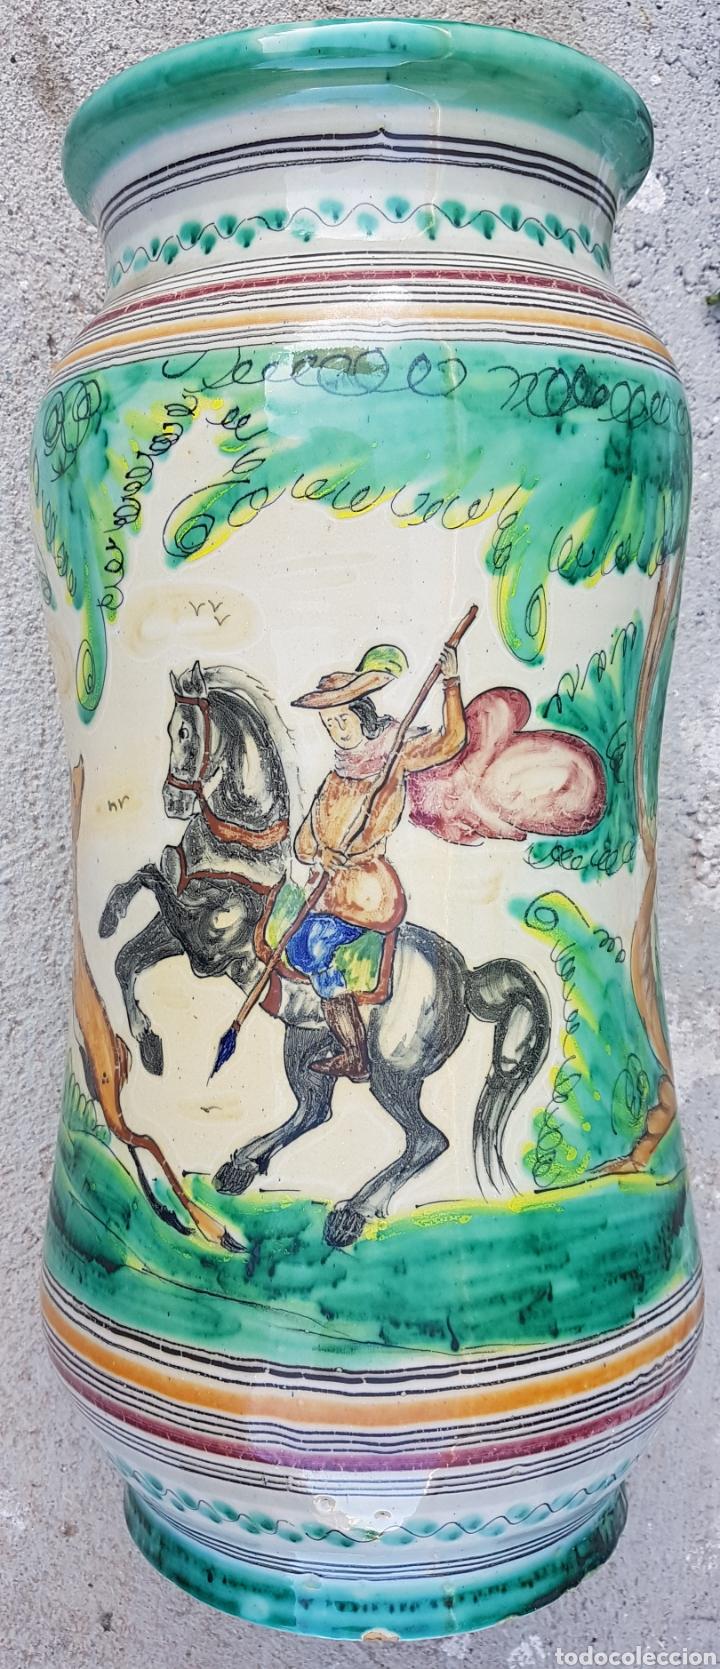 GRAN JARRON PARAGUERO CERAMICA TALAVERA (Antigüedades - Porcelanas y Cerámicas - Talavera)